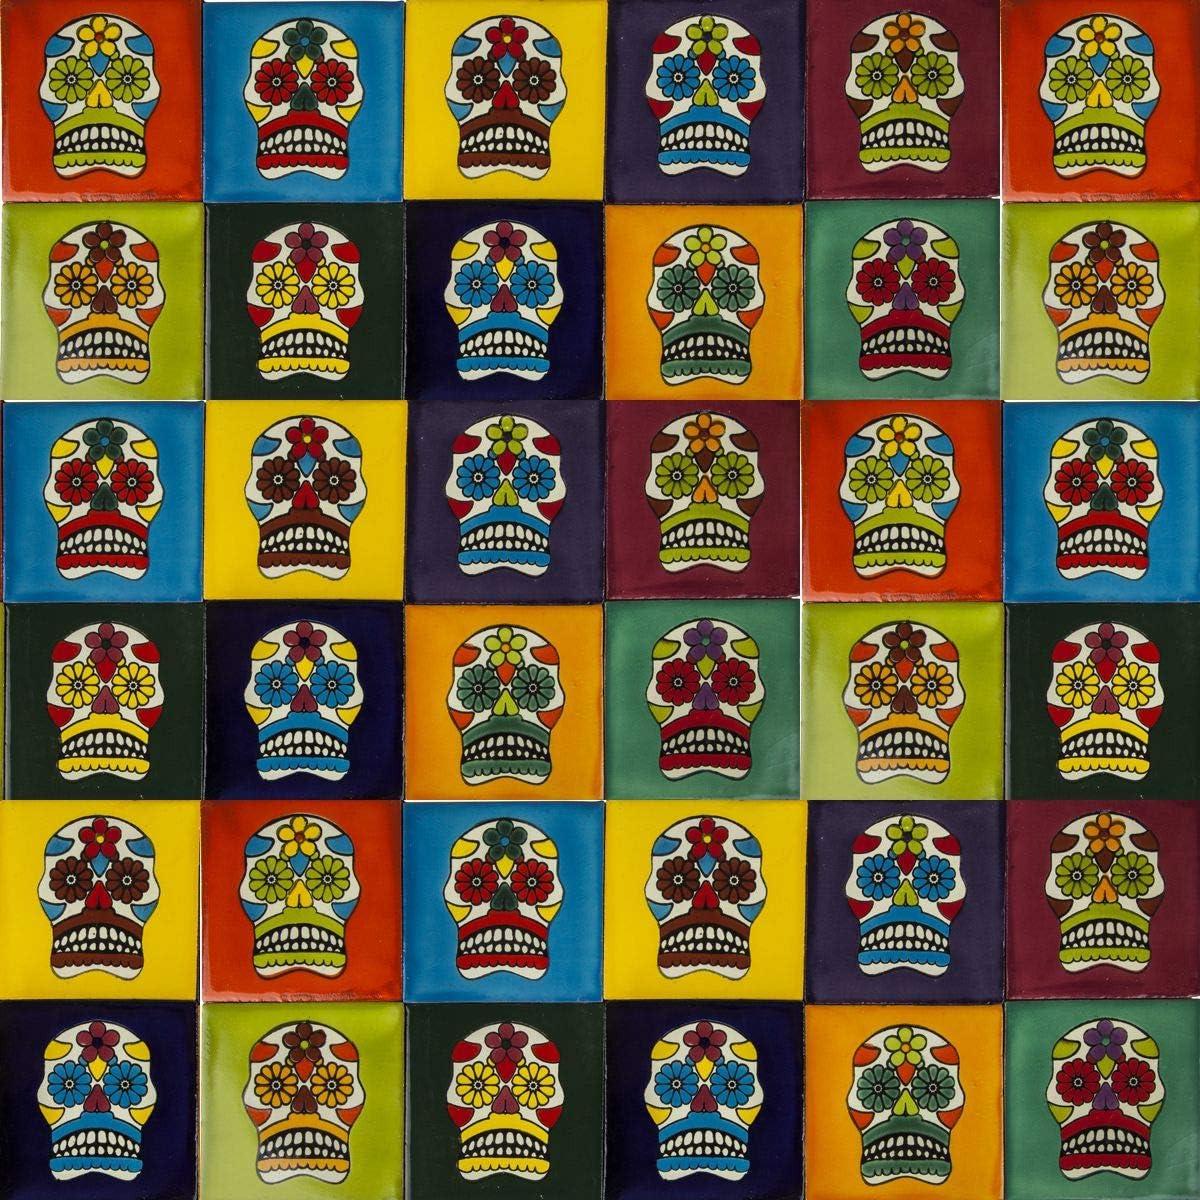 Treppen Dusche Mexikanische Fliesen Mariscos K/üchenr/ückwand 30 mexikanische Fliesen 10x10 cm Talavera Badezimmer- und K/üchenfliesen Dekoration f/ür Badezimmer